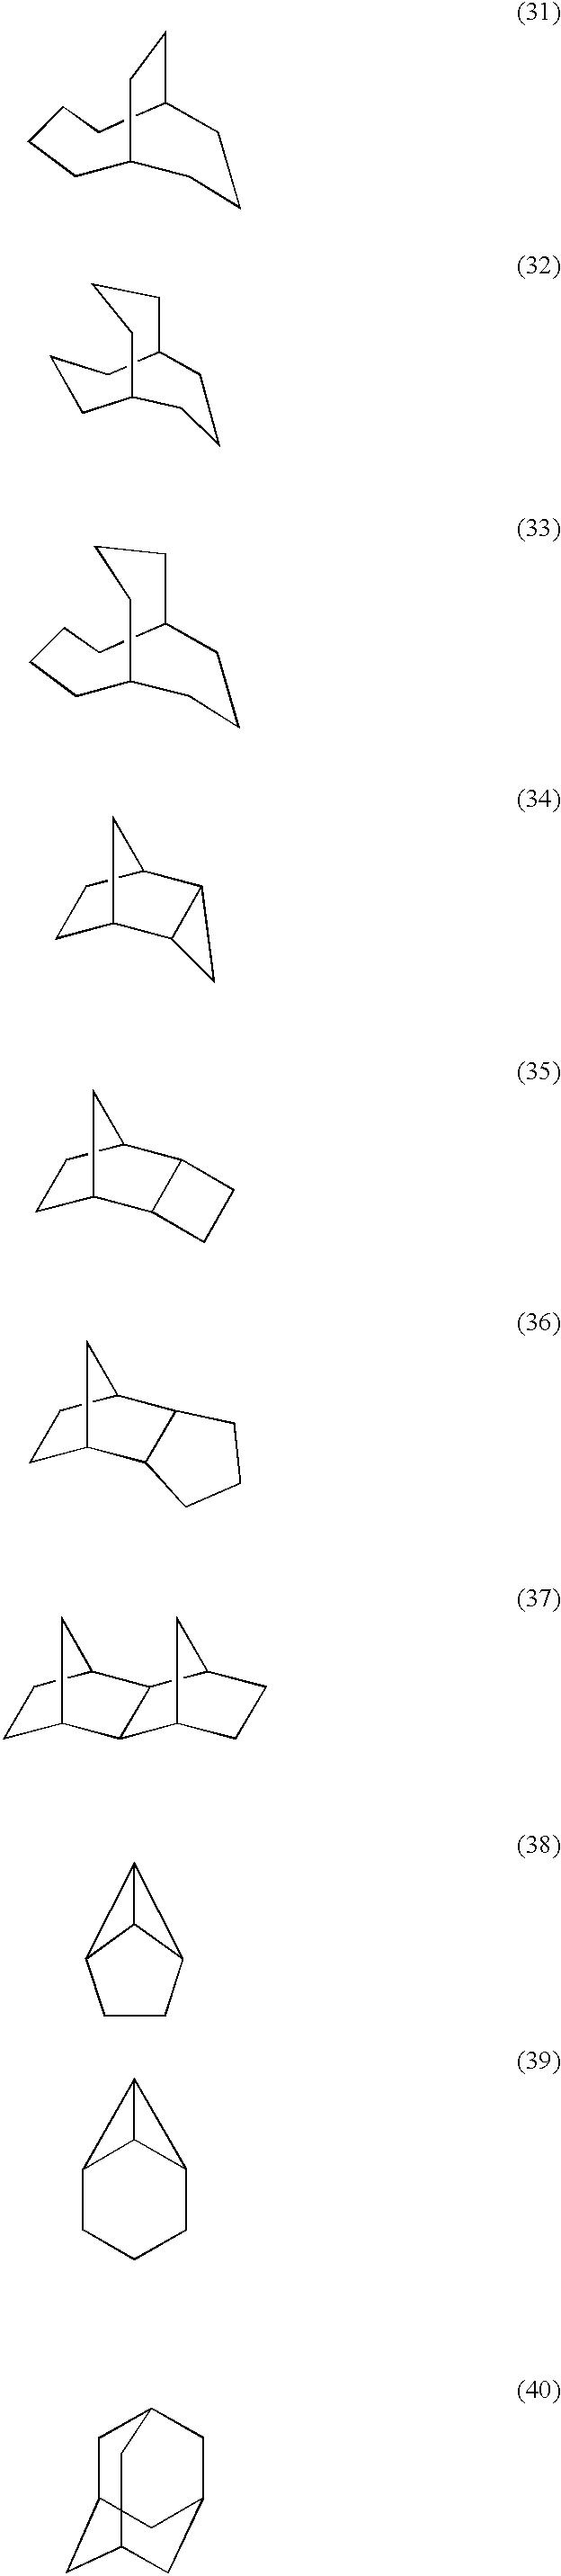 Figure US20030186161A1-20031002-C00043